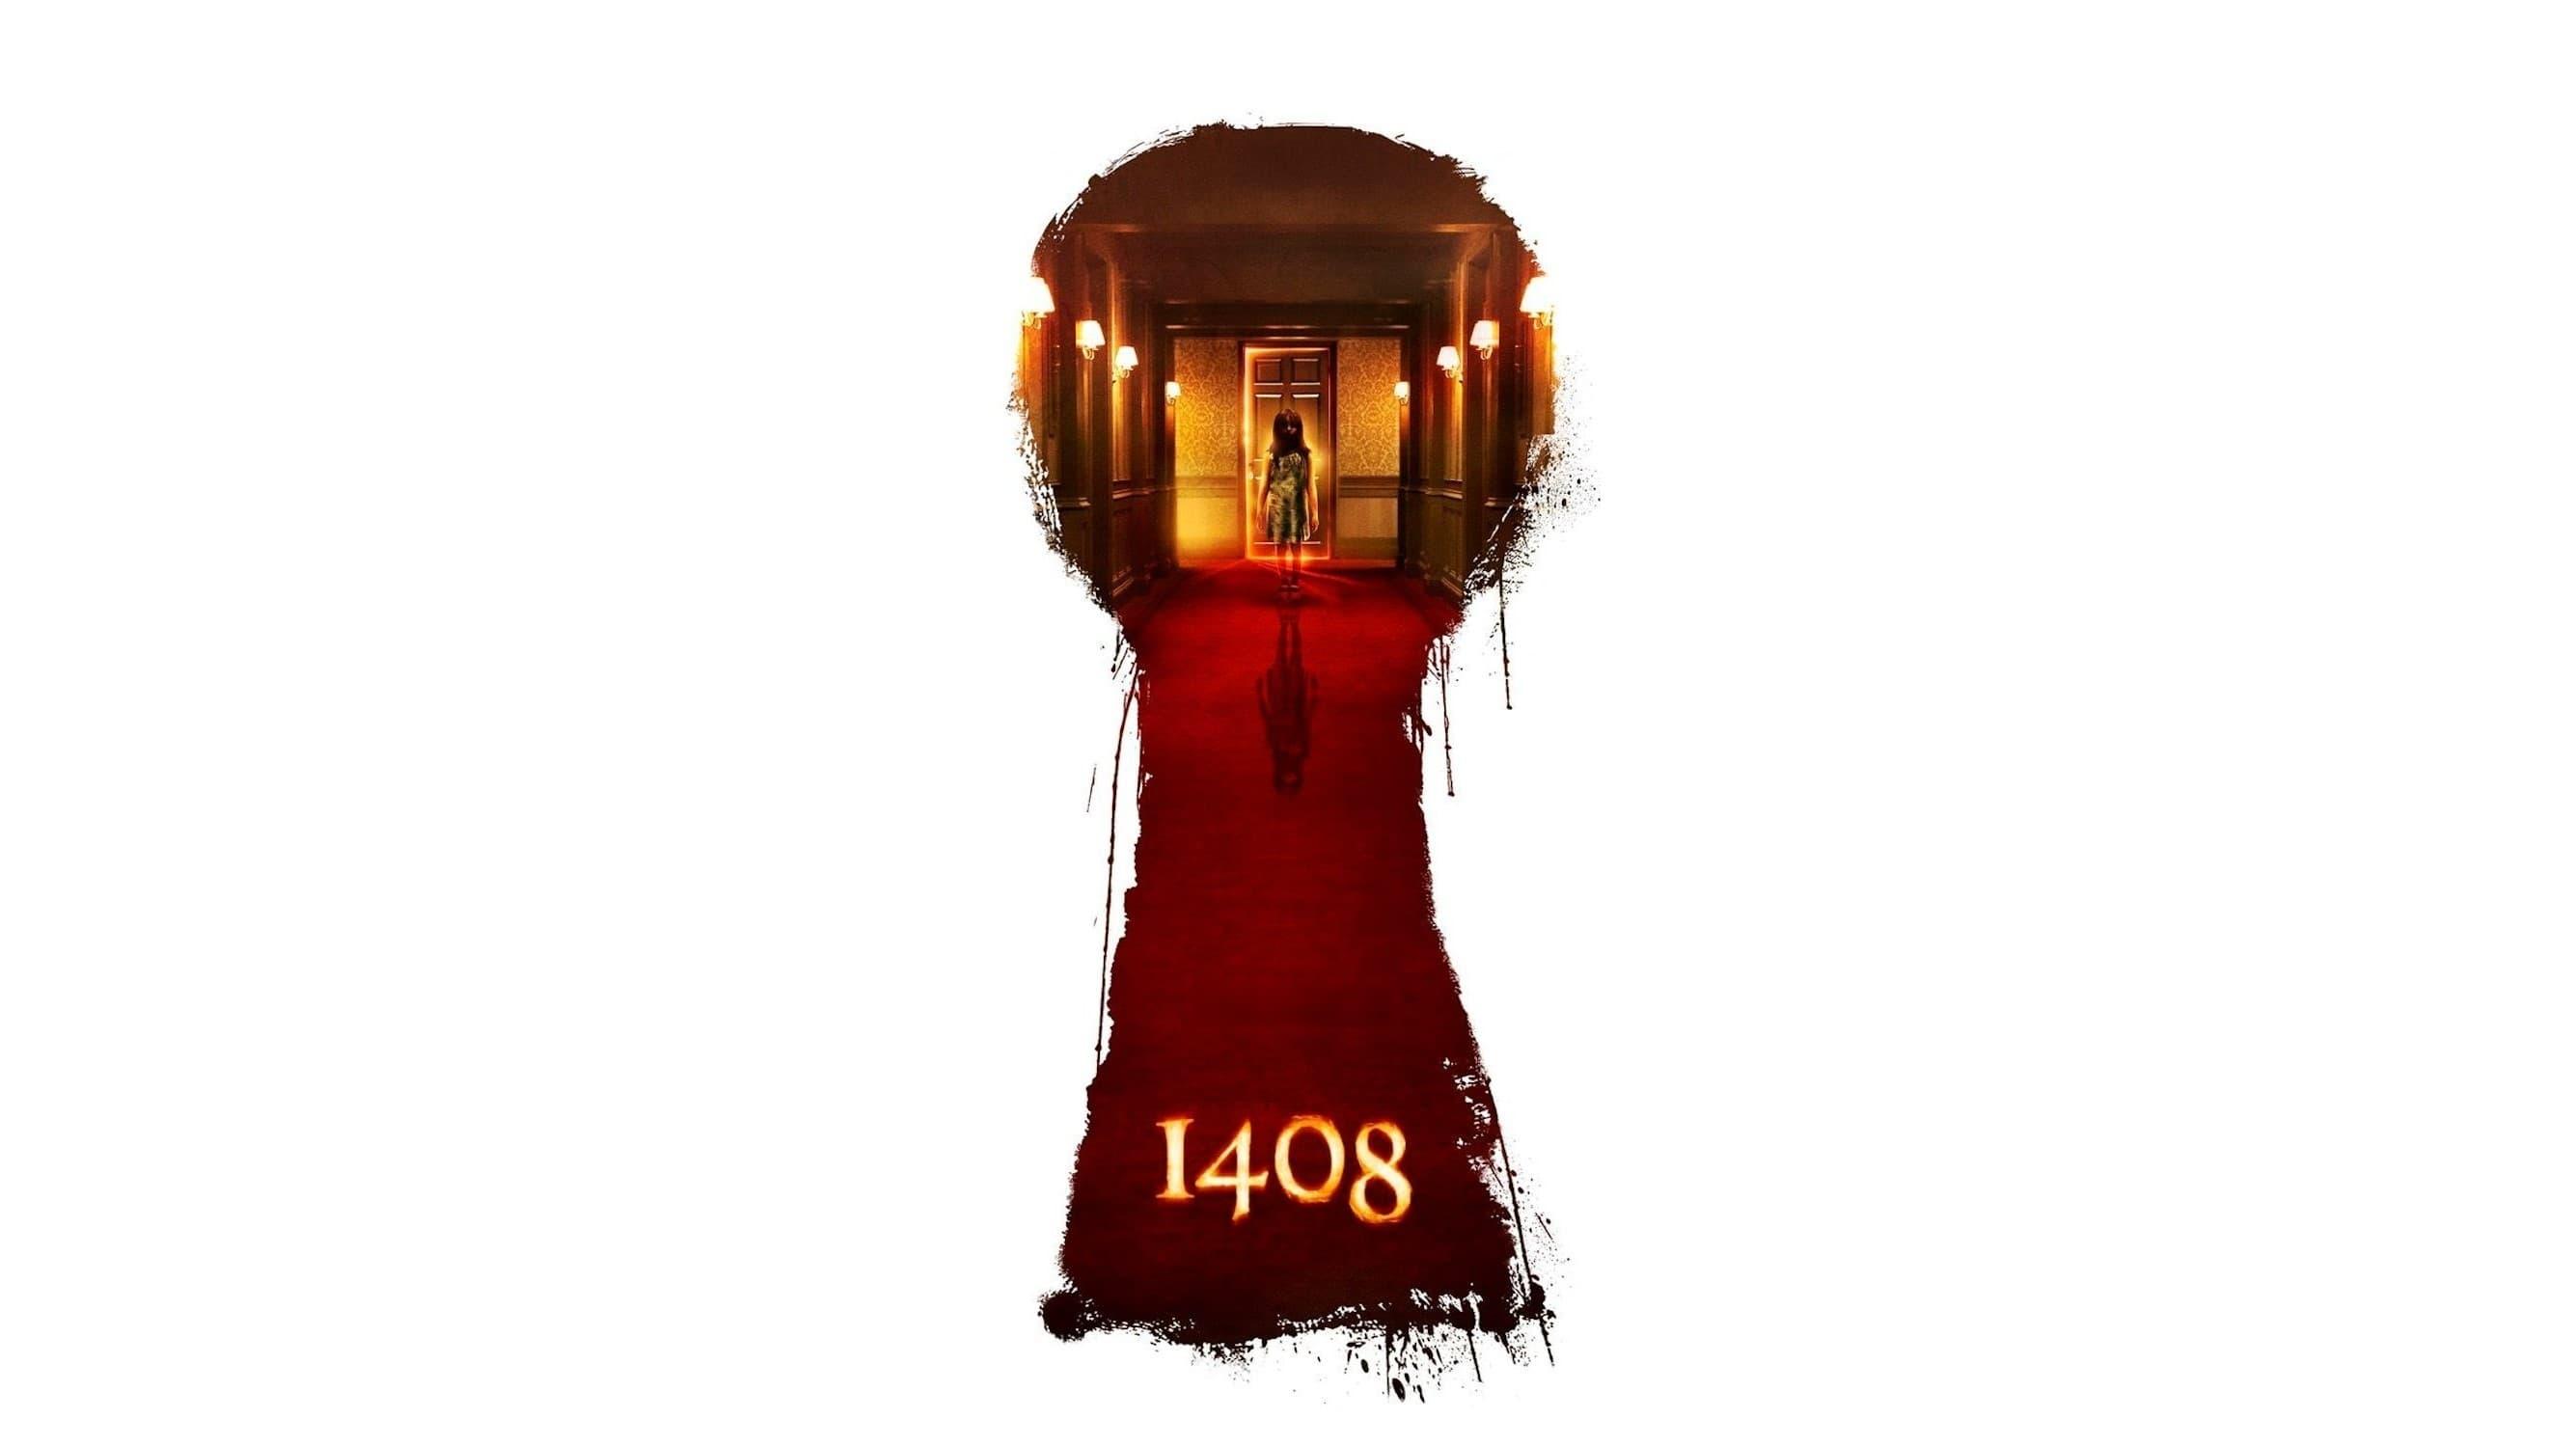 1408 Imdb